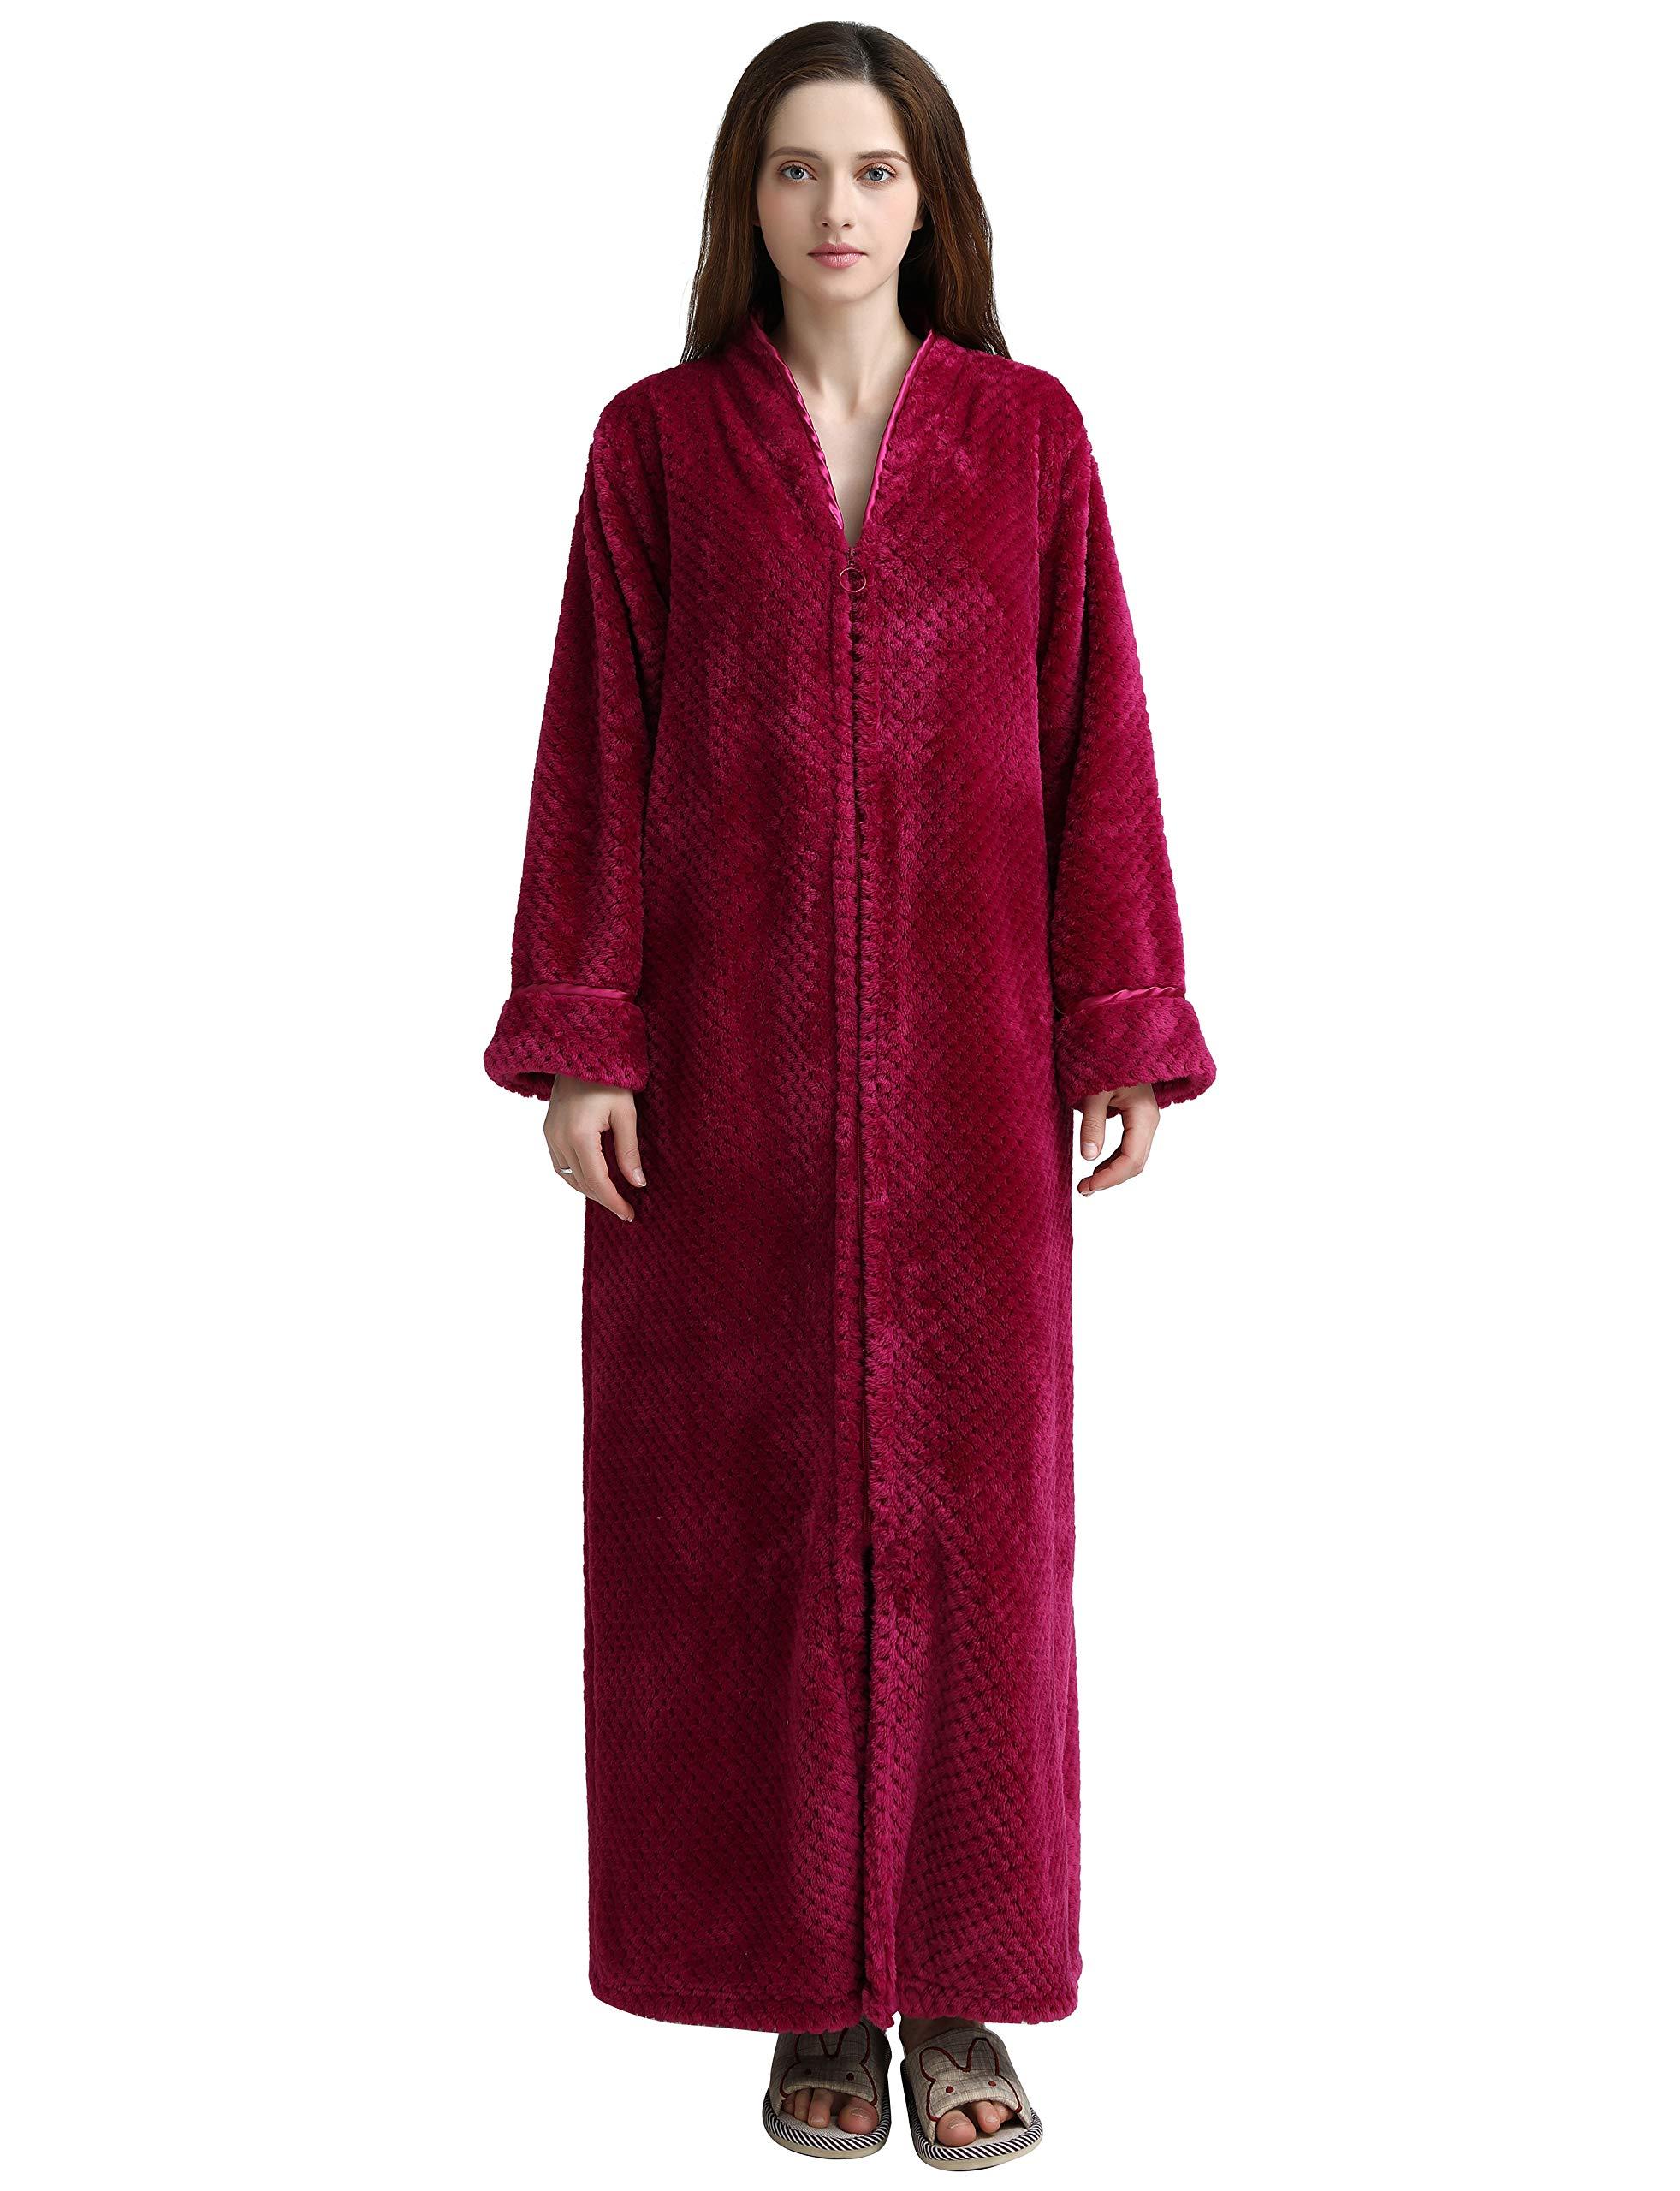 SEEU Shower Robe for Women Rose XL